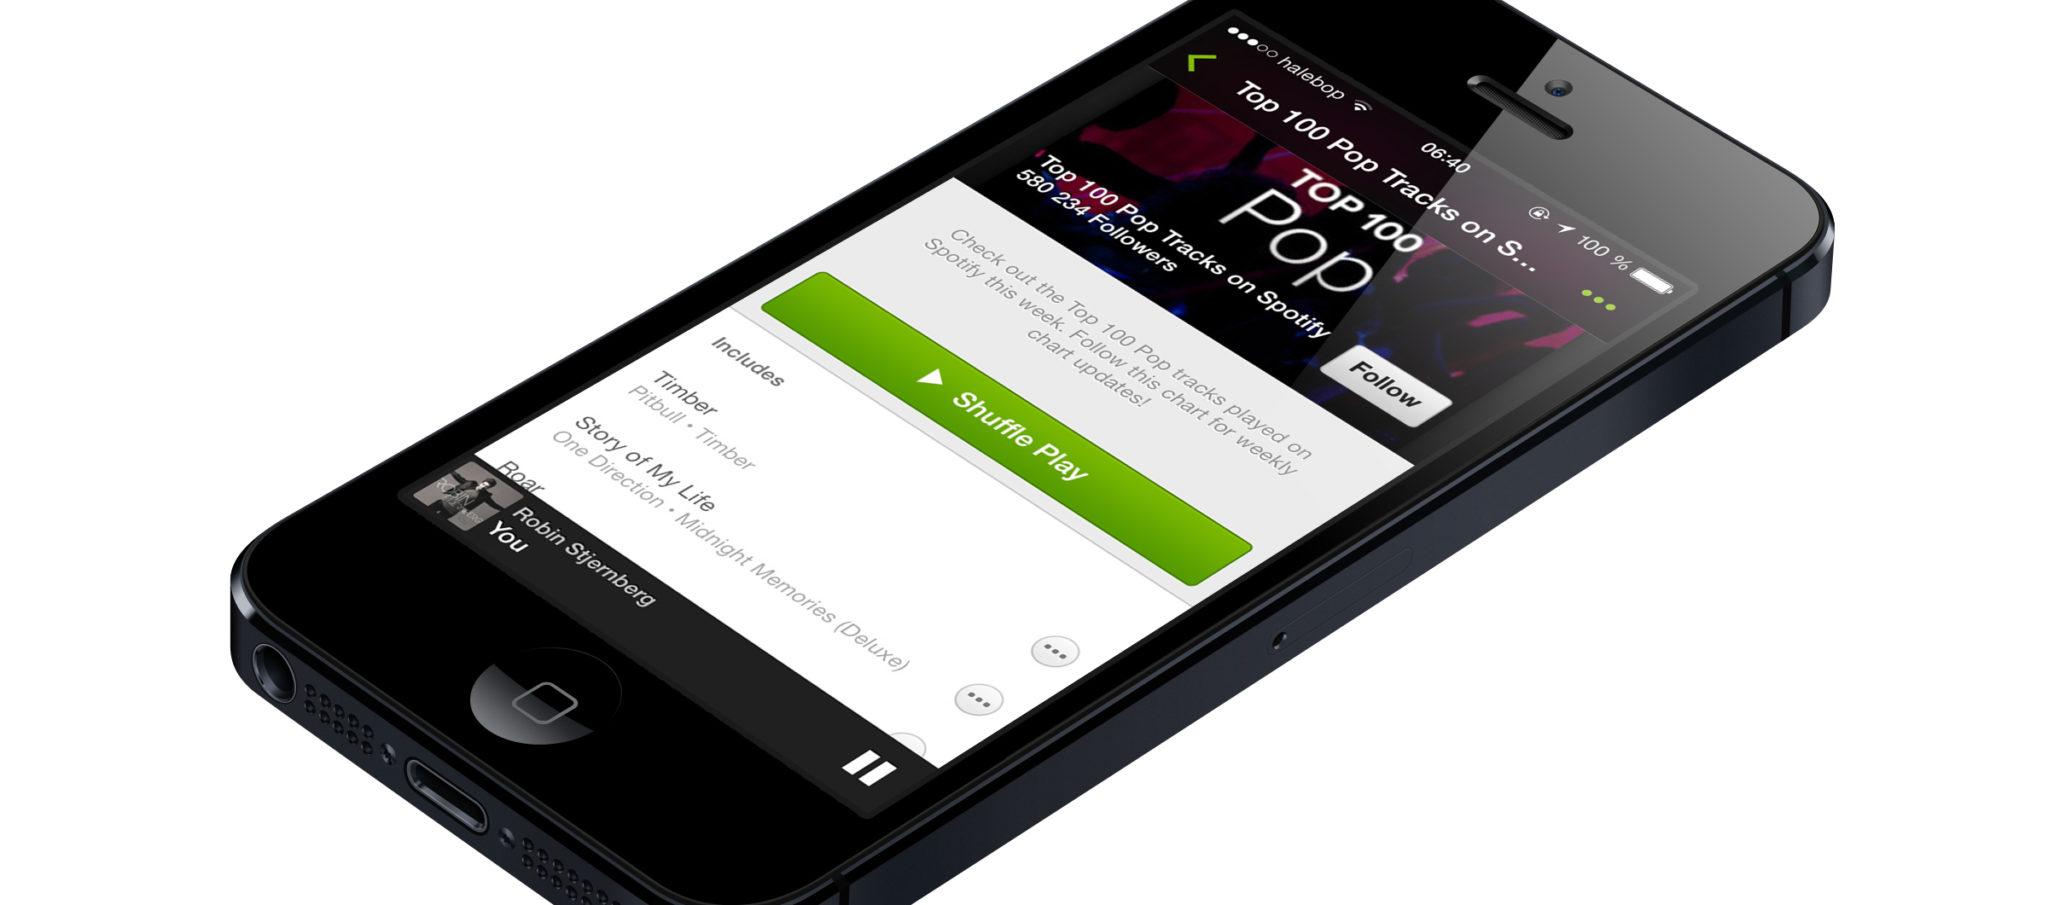 svenska dejtingsajter gratis  i mobilen